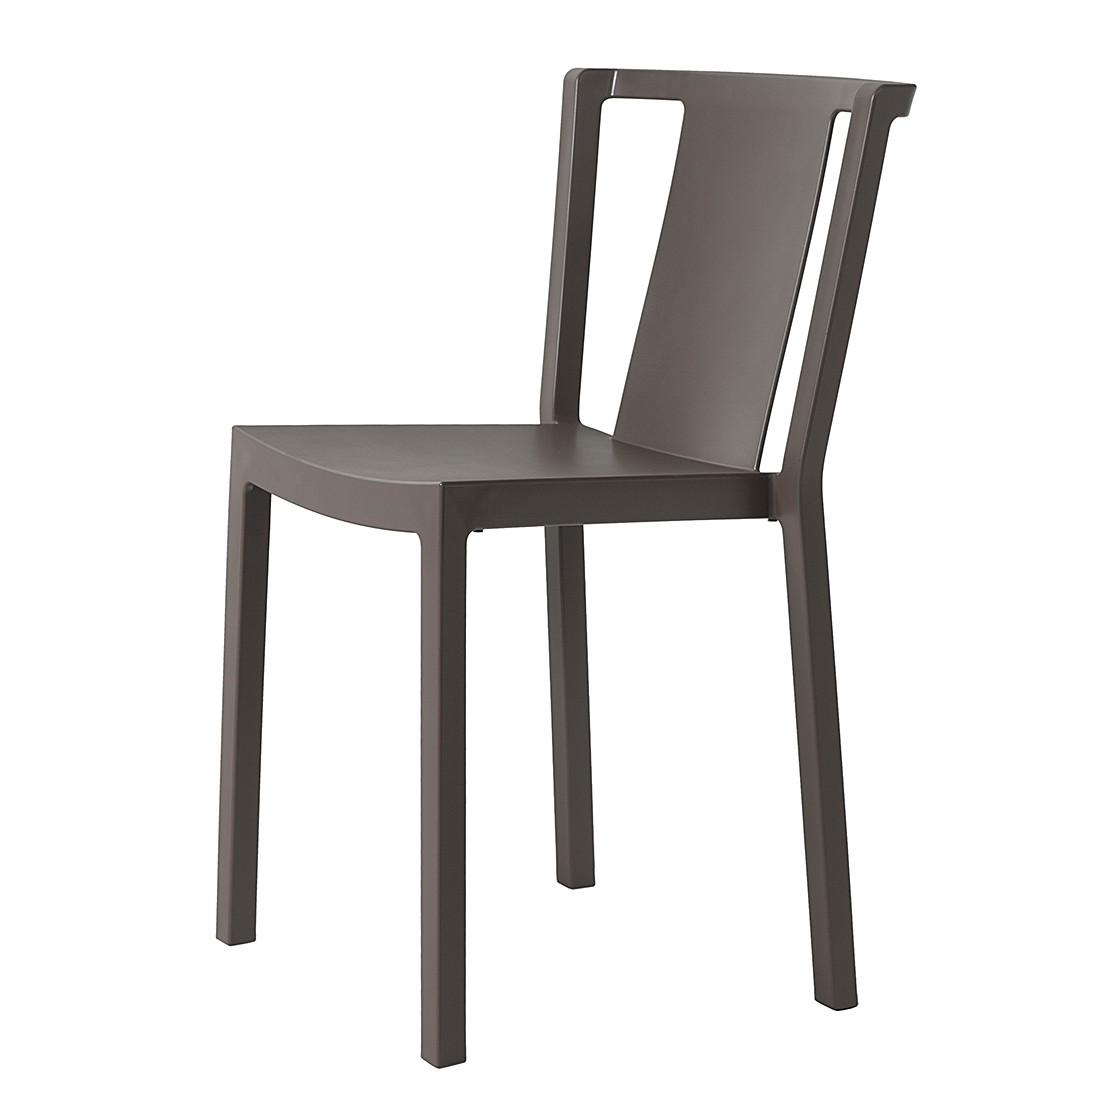 stuhl neutra 2er set schokolade blanke design g nstig kaufen. Black Bedroom Furniture Sets. Home Design Ideas